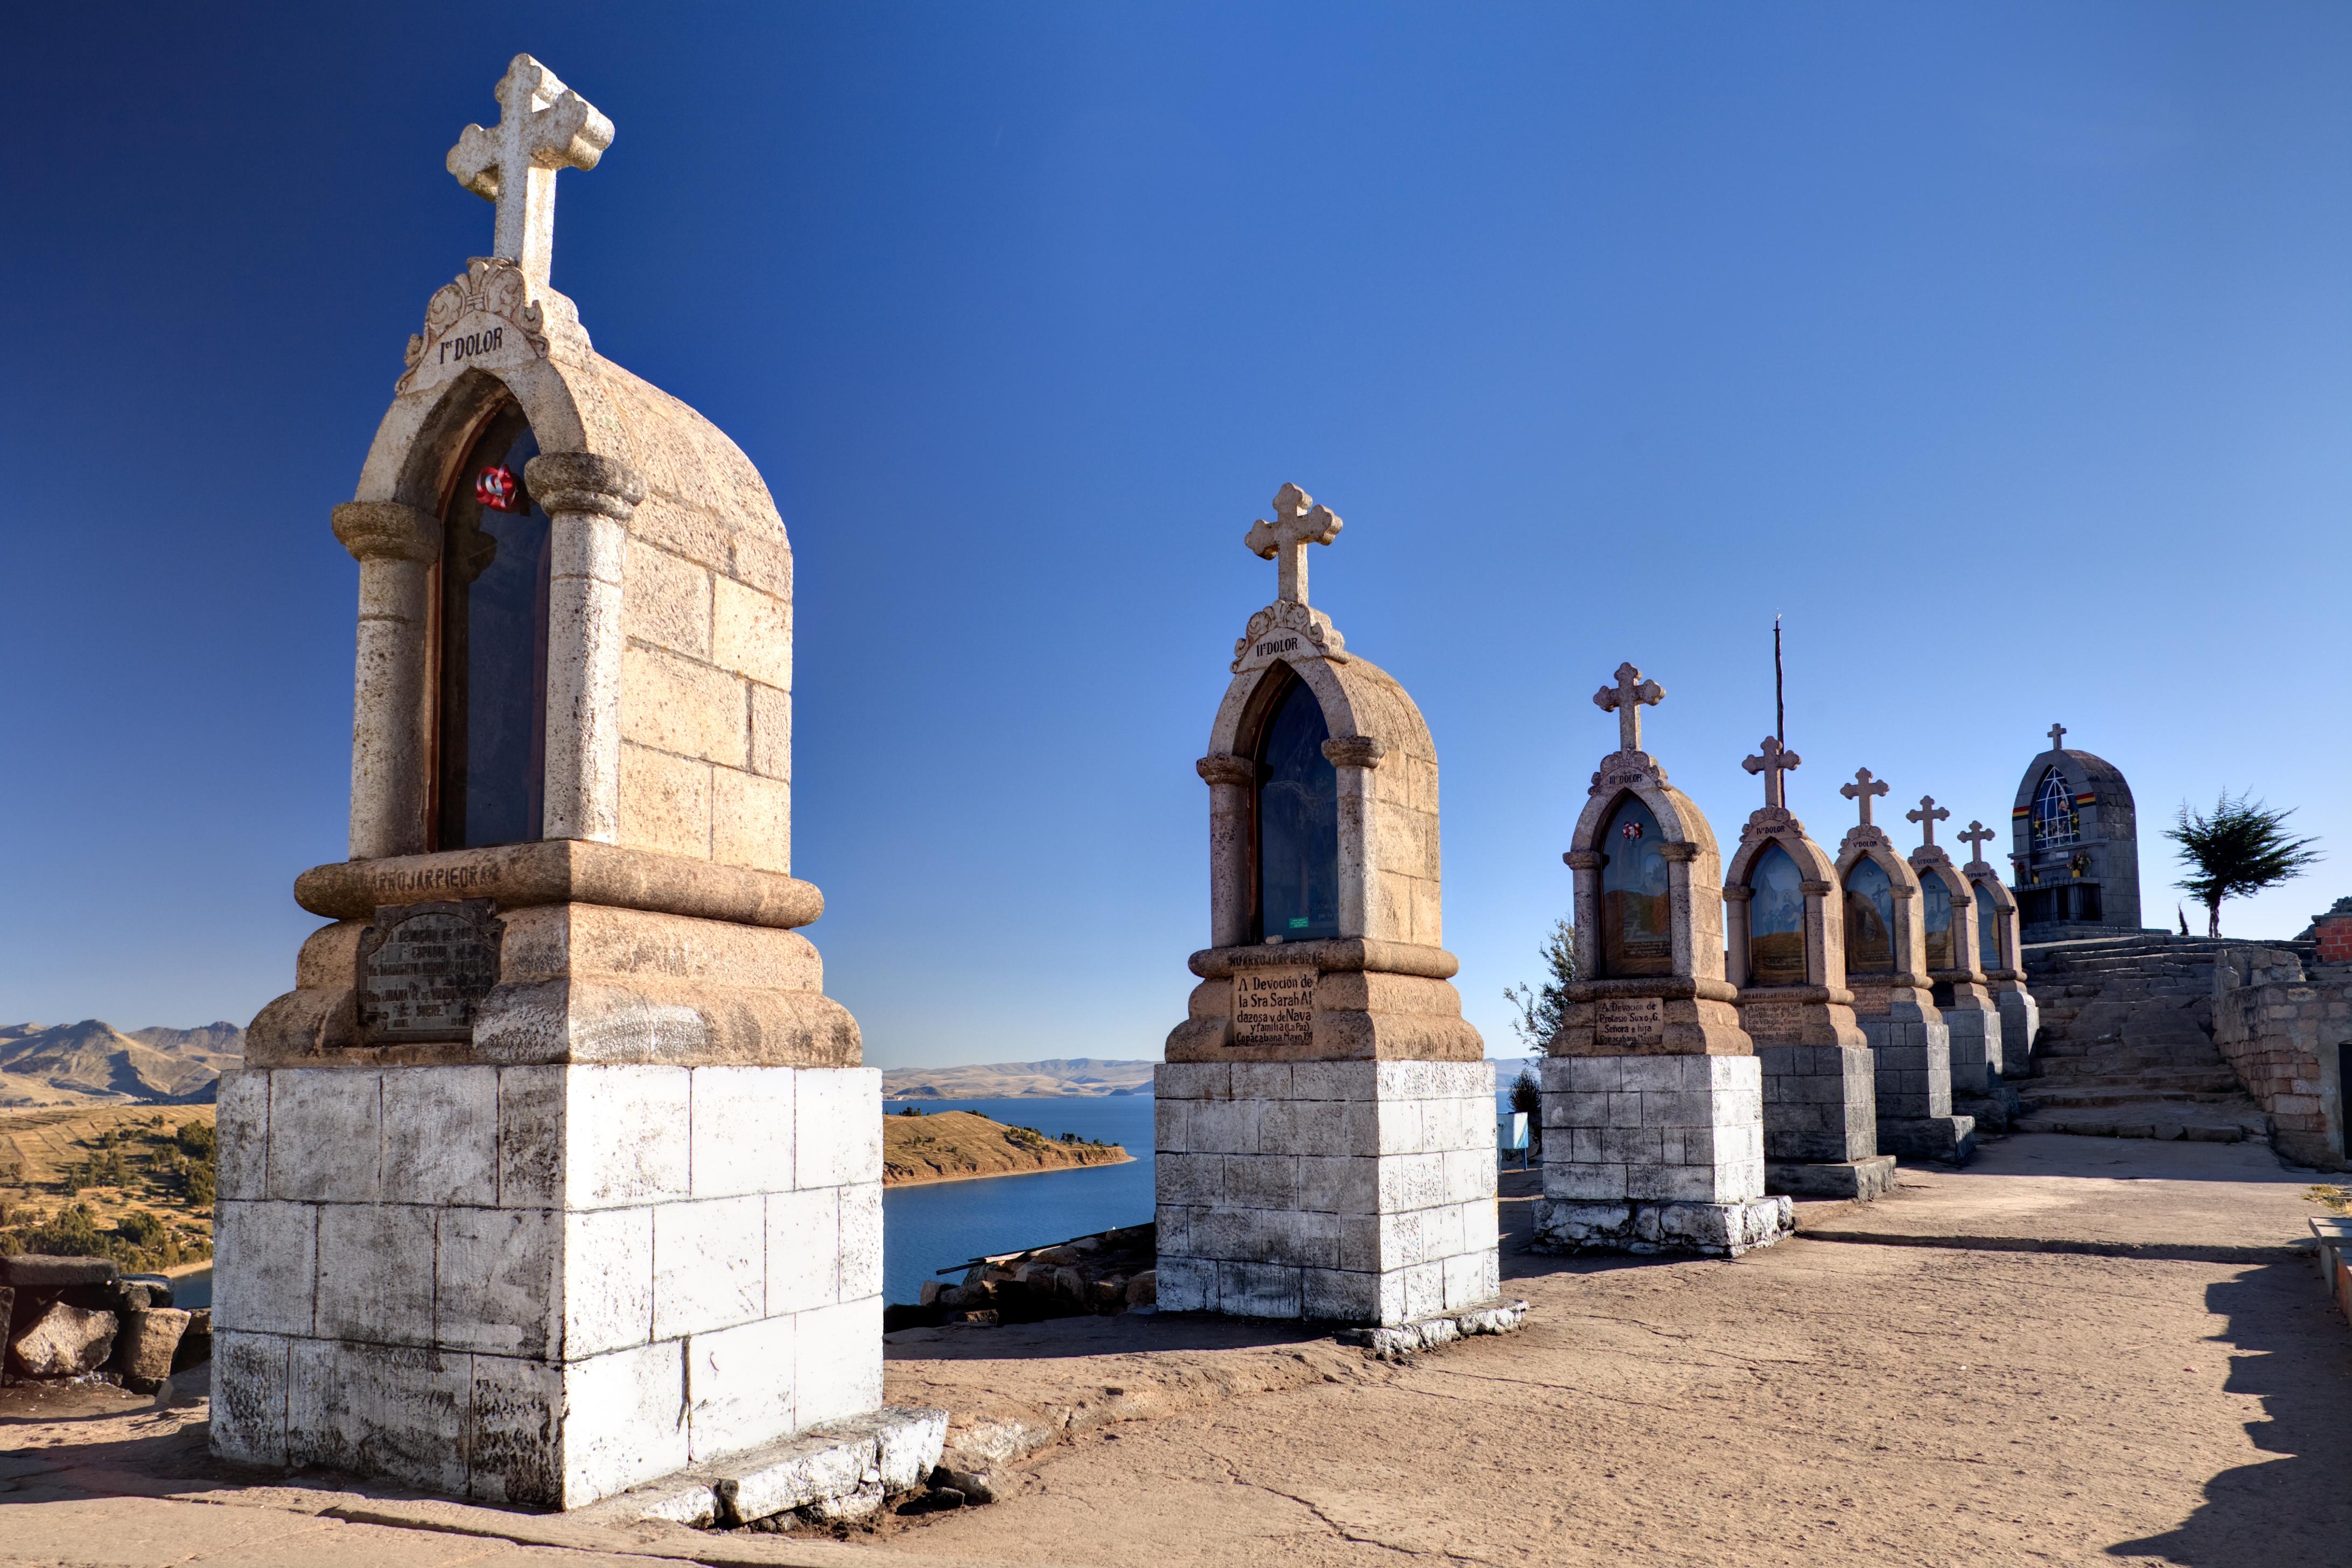 Donde la tradición cristiana y los rituales ancestrales se unen - Bolivia Gran Viaje Lo mejor de Bolivia